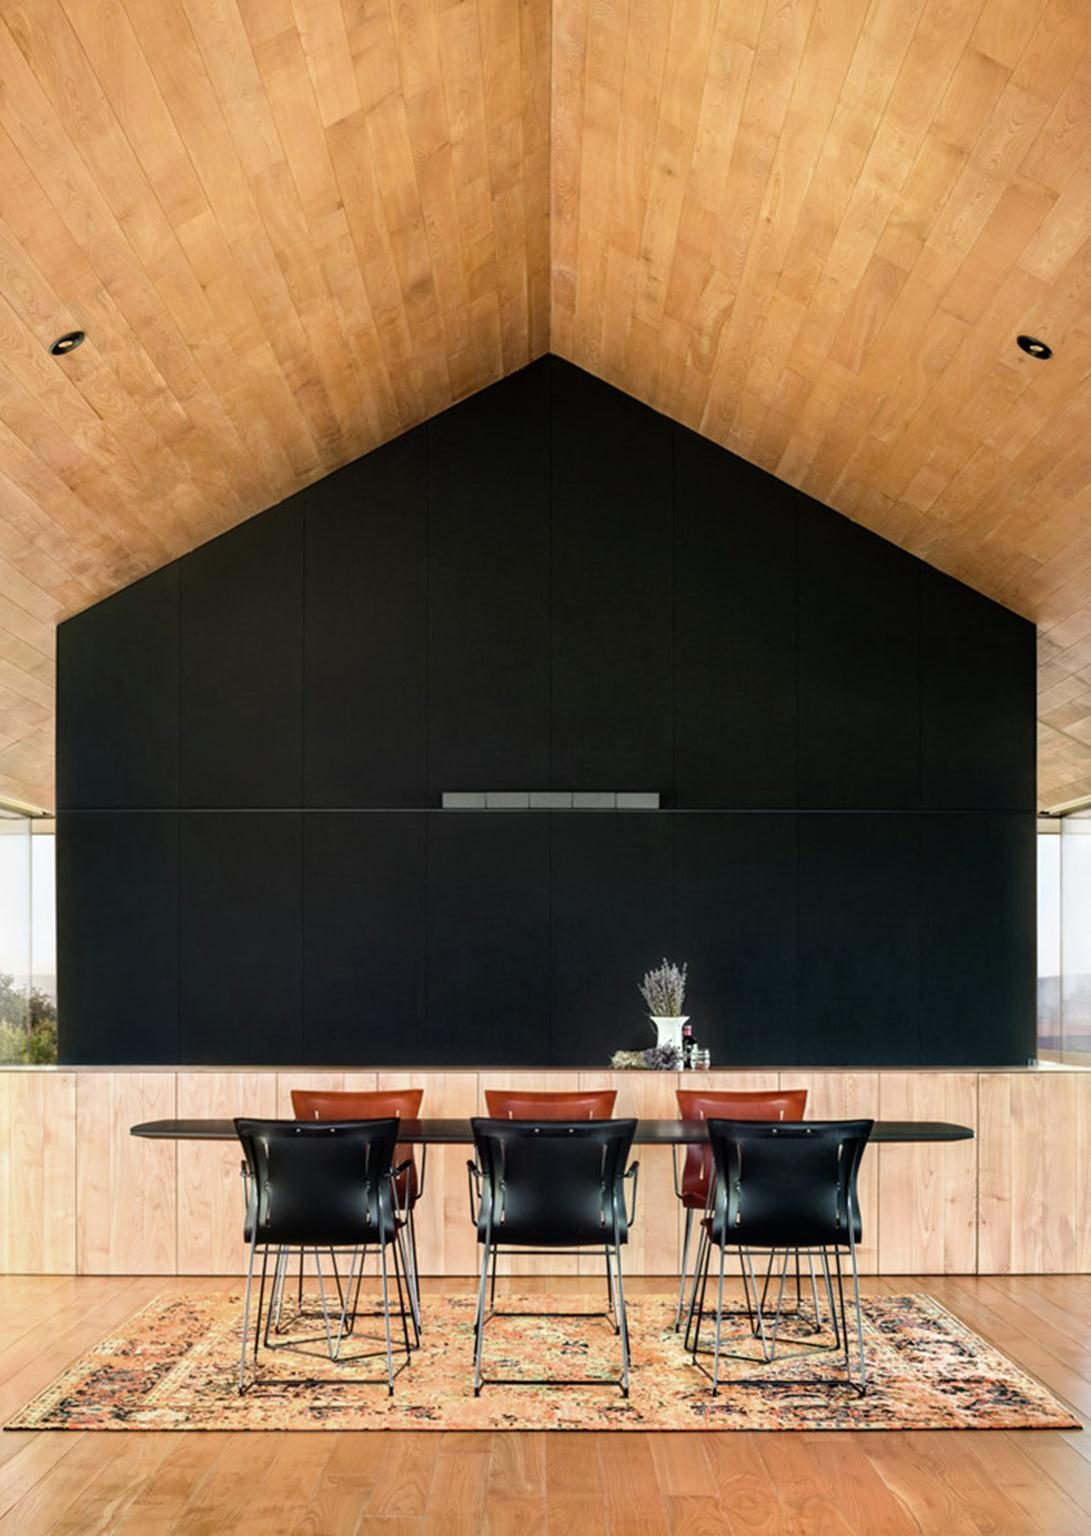 Thiết kế biệt thự view 360 độ độc đáo và ấn tượng - 13